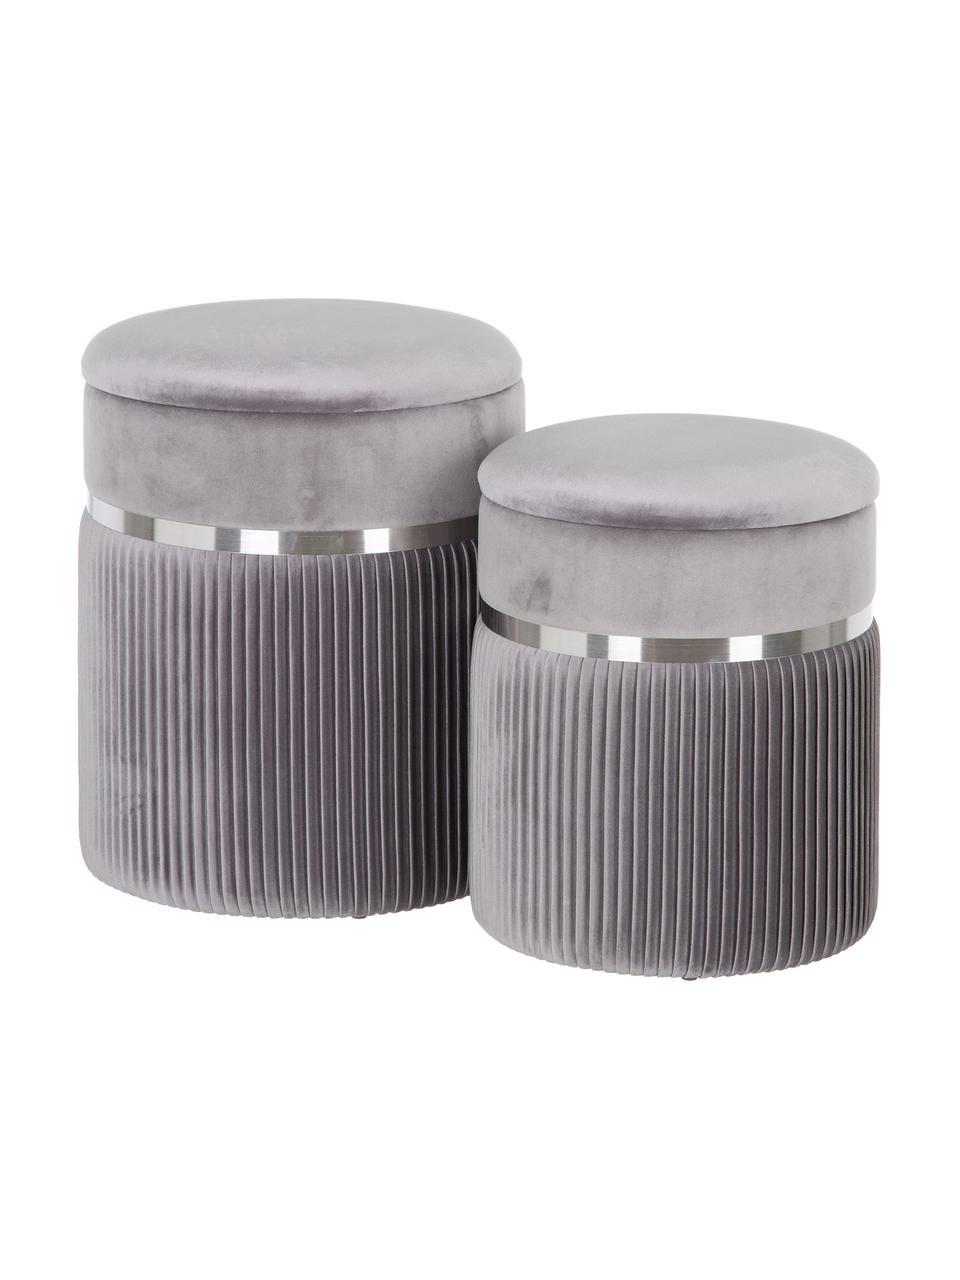 Komplet pufów z aksamitu z miejscem do przechowywania Chest, 2 elem., Tapicerka: poliester (aksamit), Szary, odcienie srebrnego, Komplet z różnymi rozmiarami